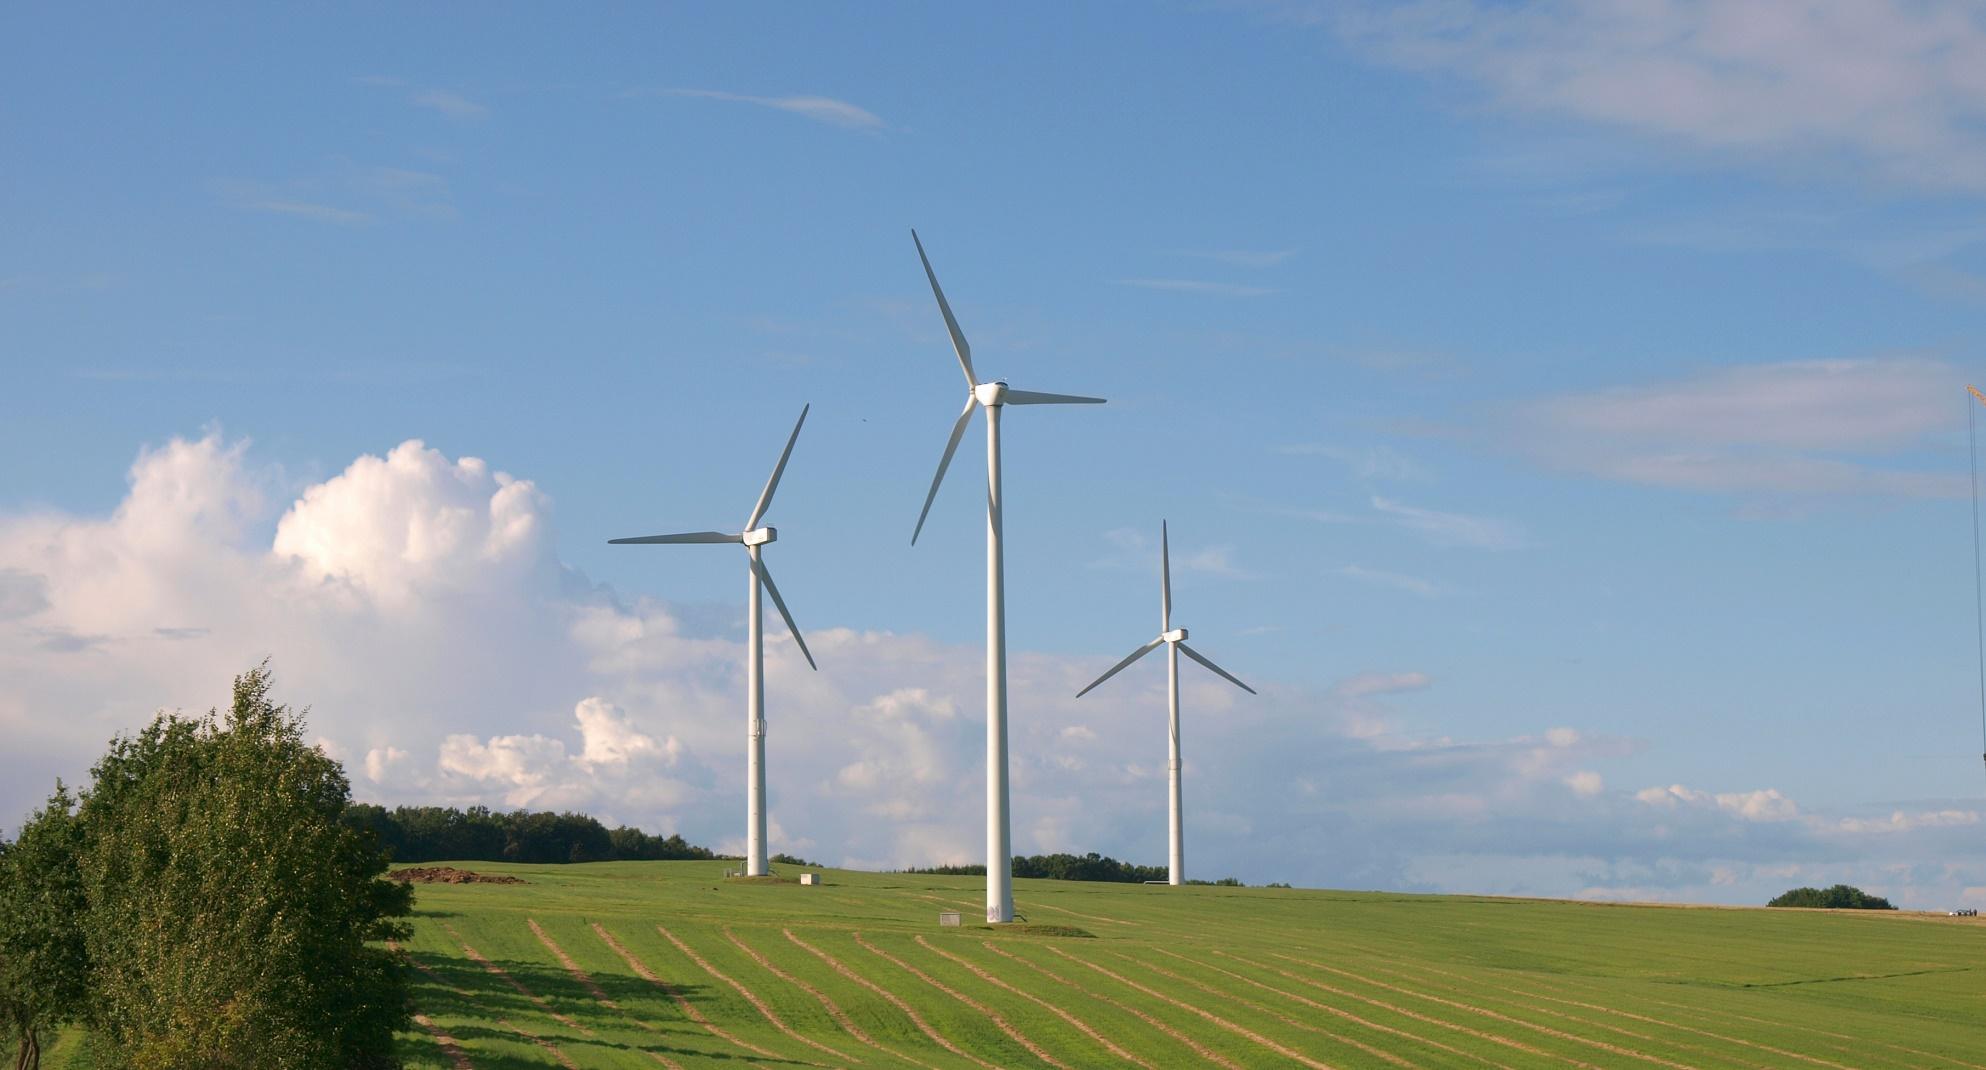 El caso de Uruguay: el 95% de su electricidad proviene de renovables